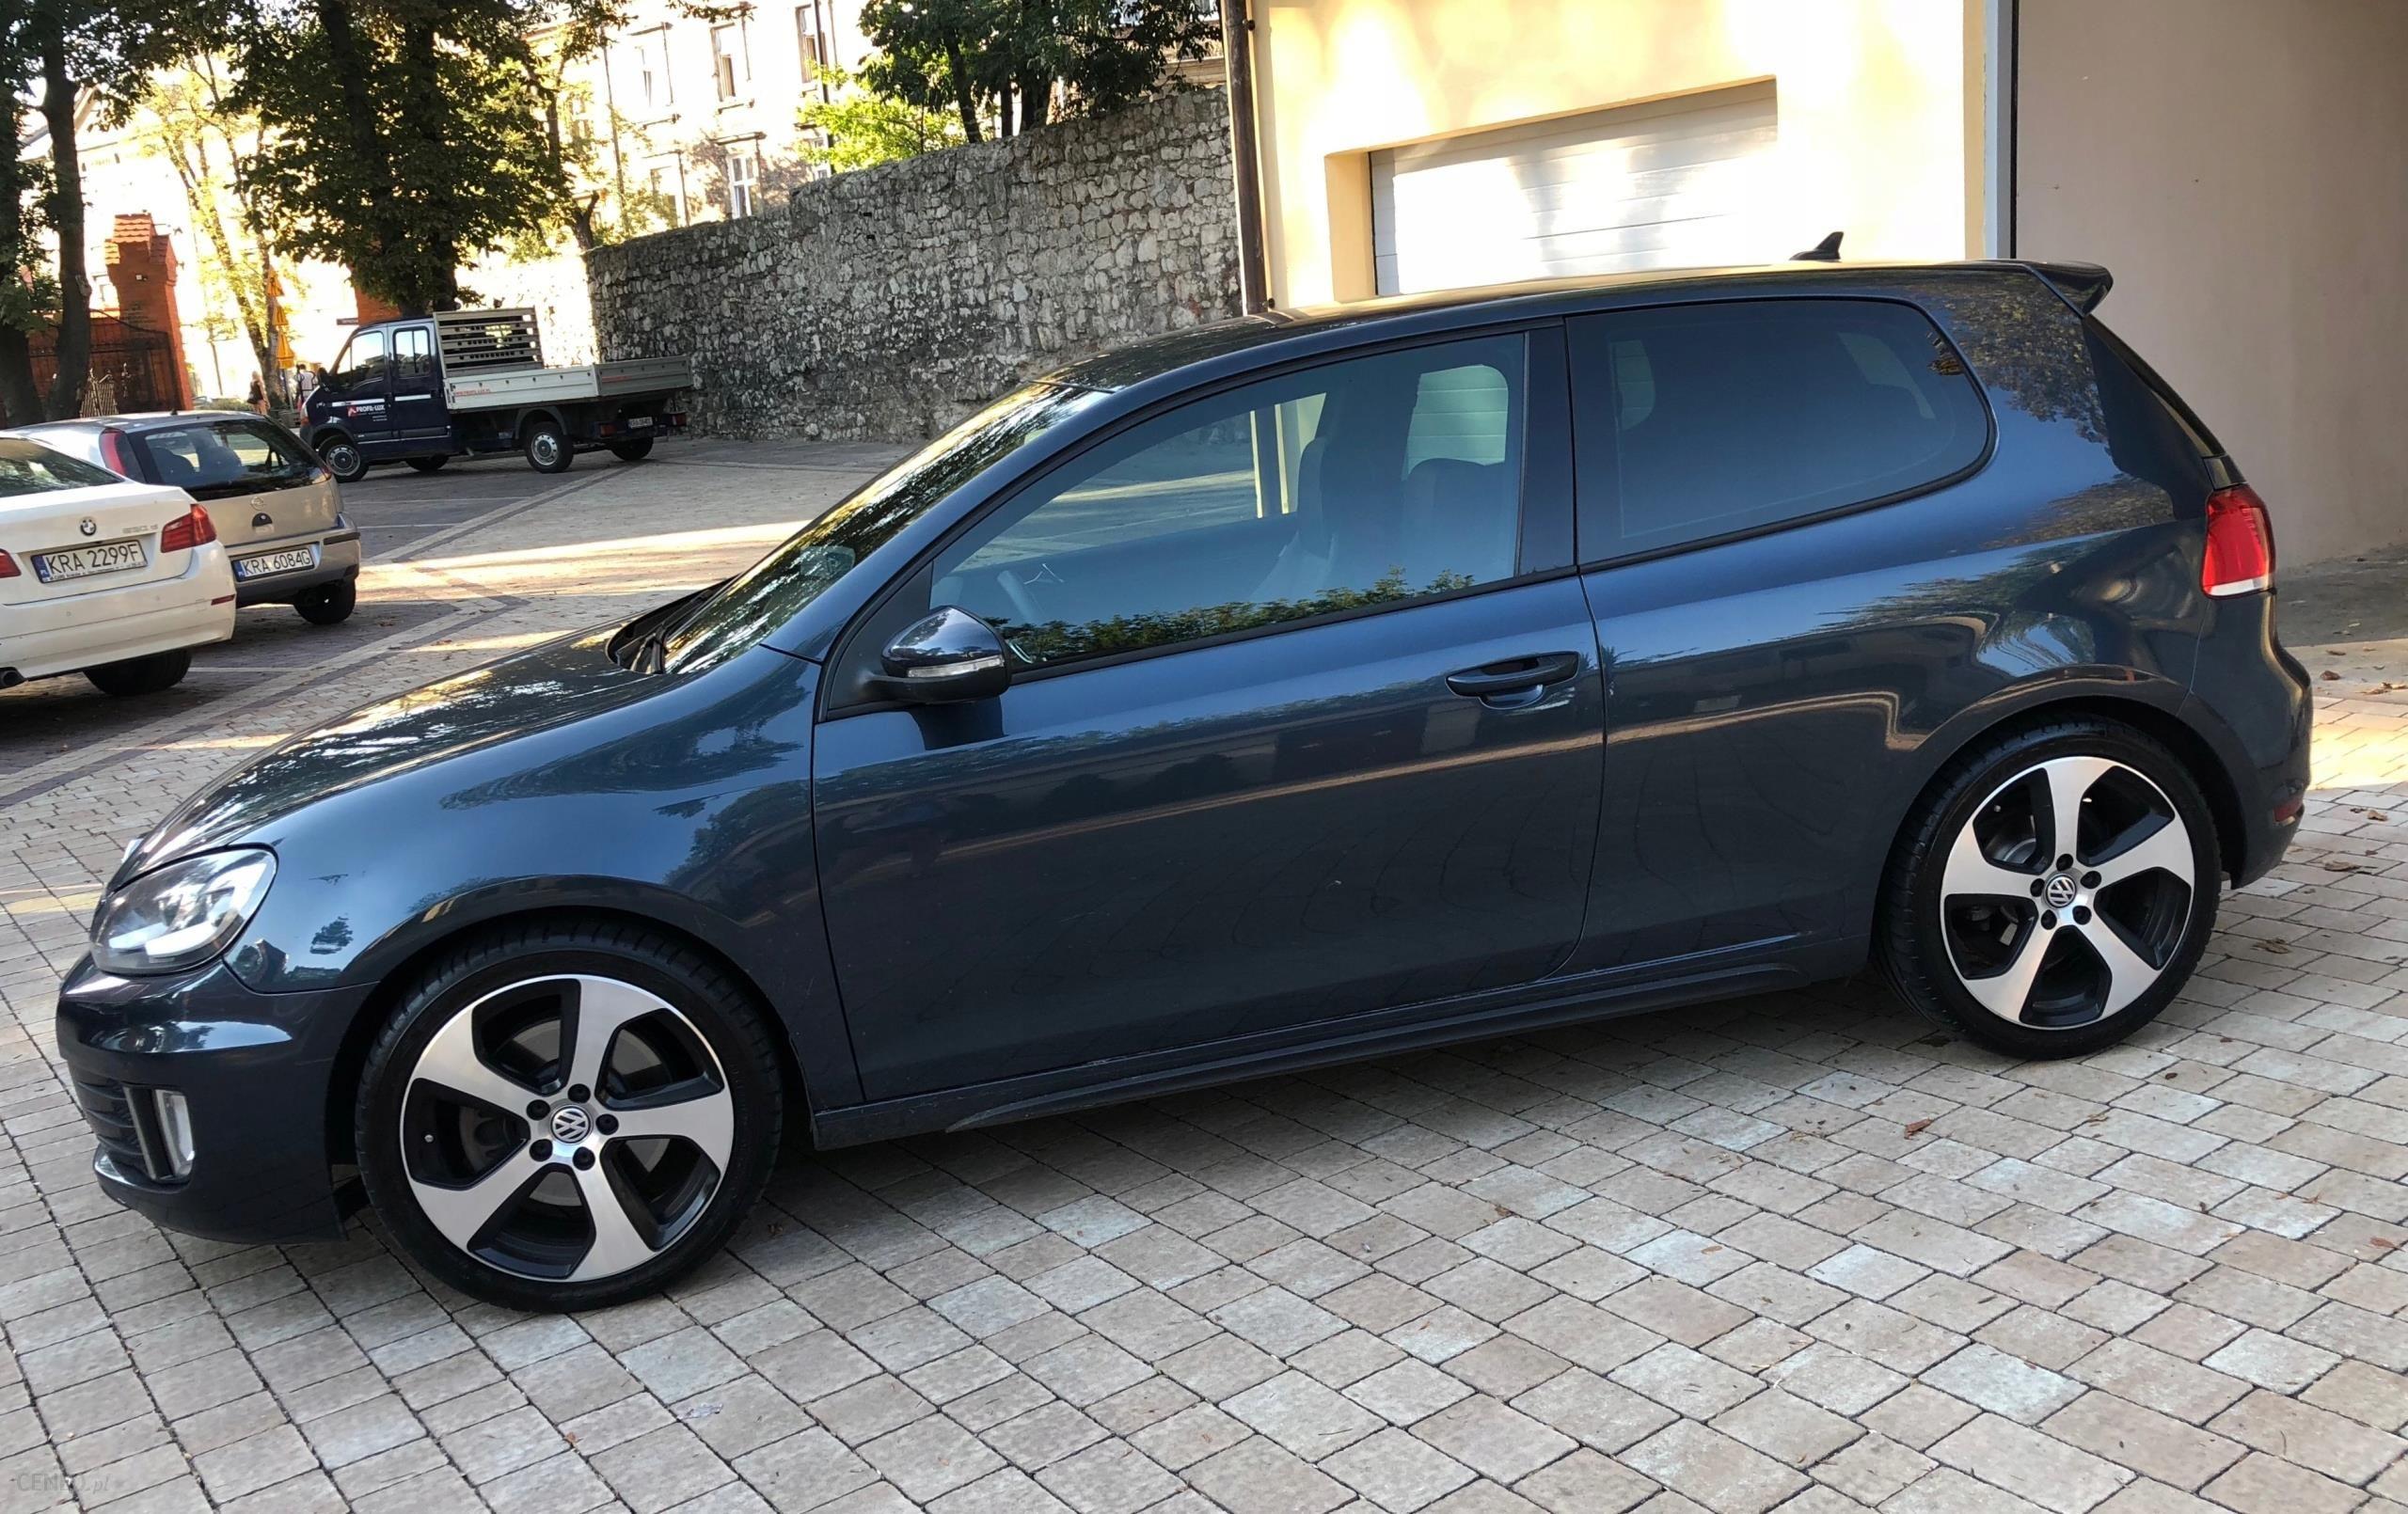 VW Golf VI 6 GTD, Dsg, DCC - Opinie i ceny na Ceneo pl